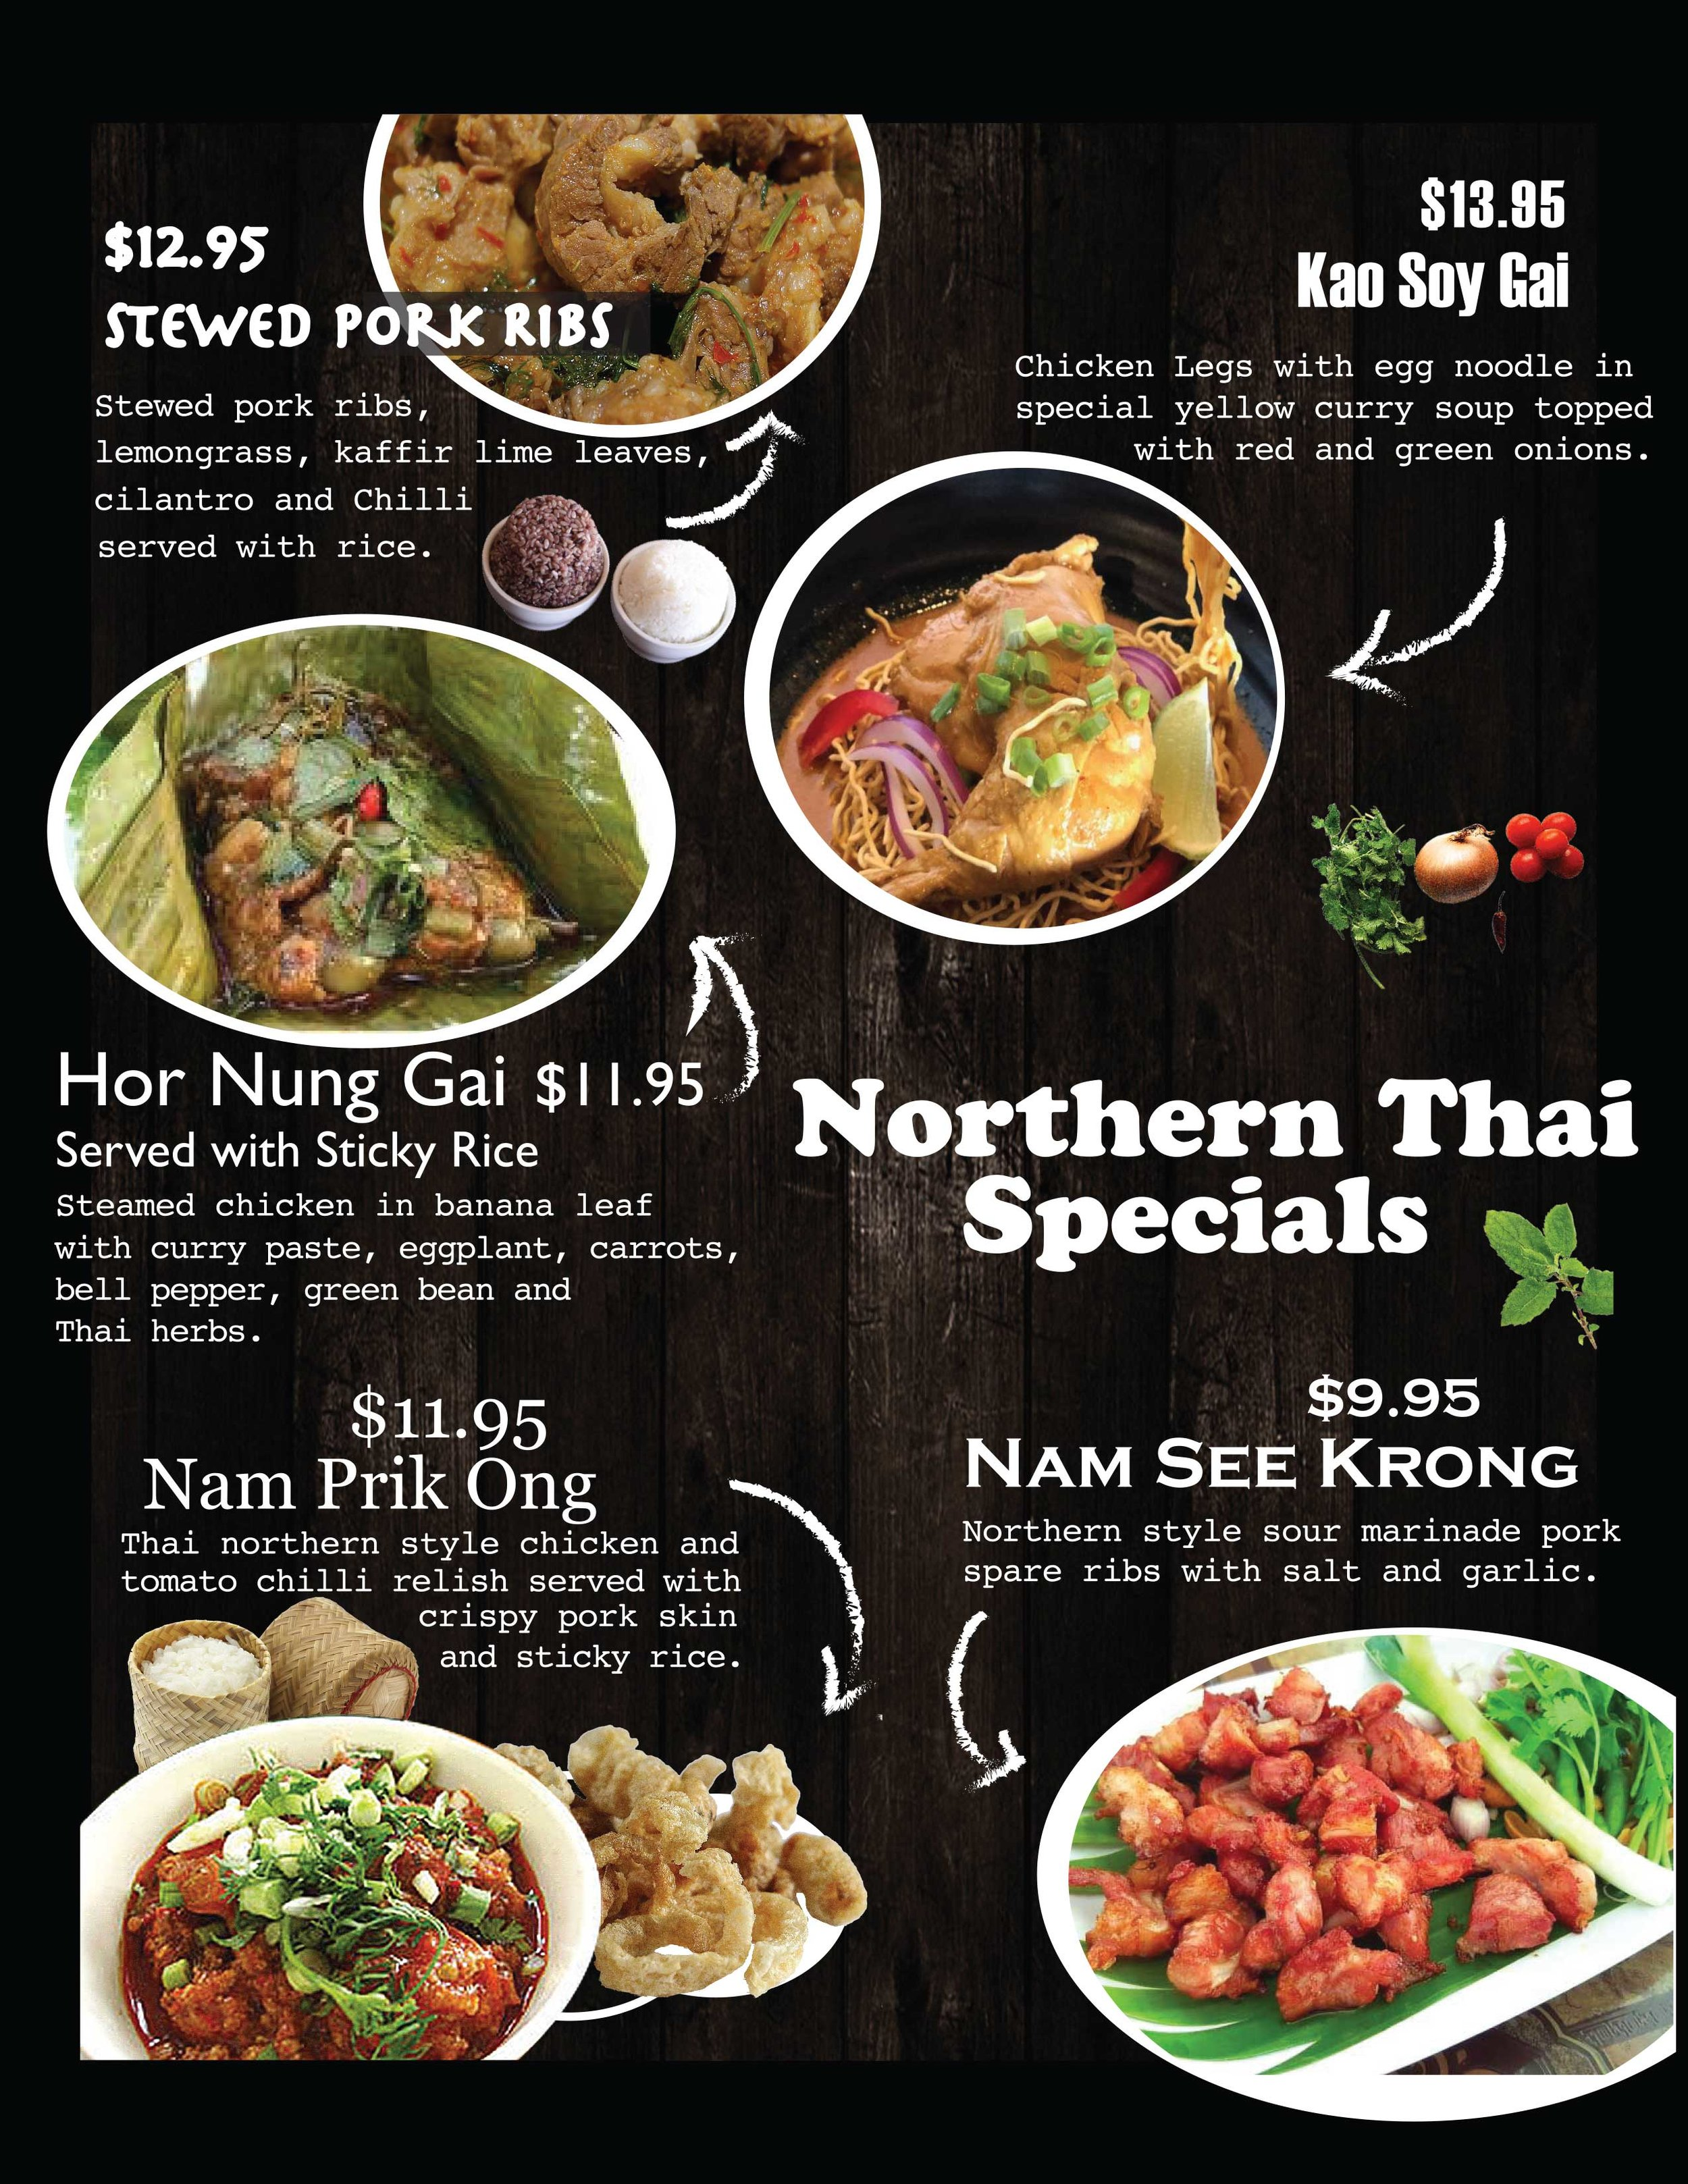 Northern Thai Specials -